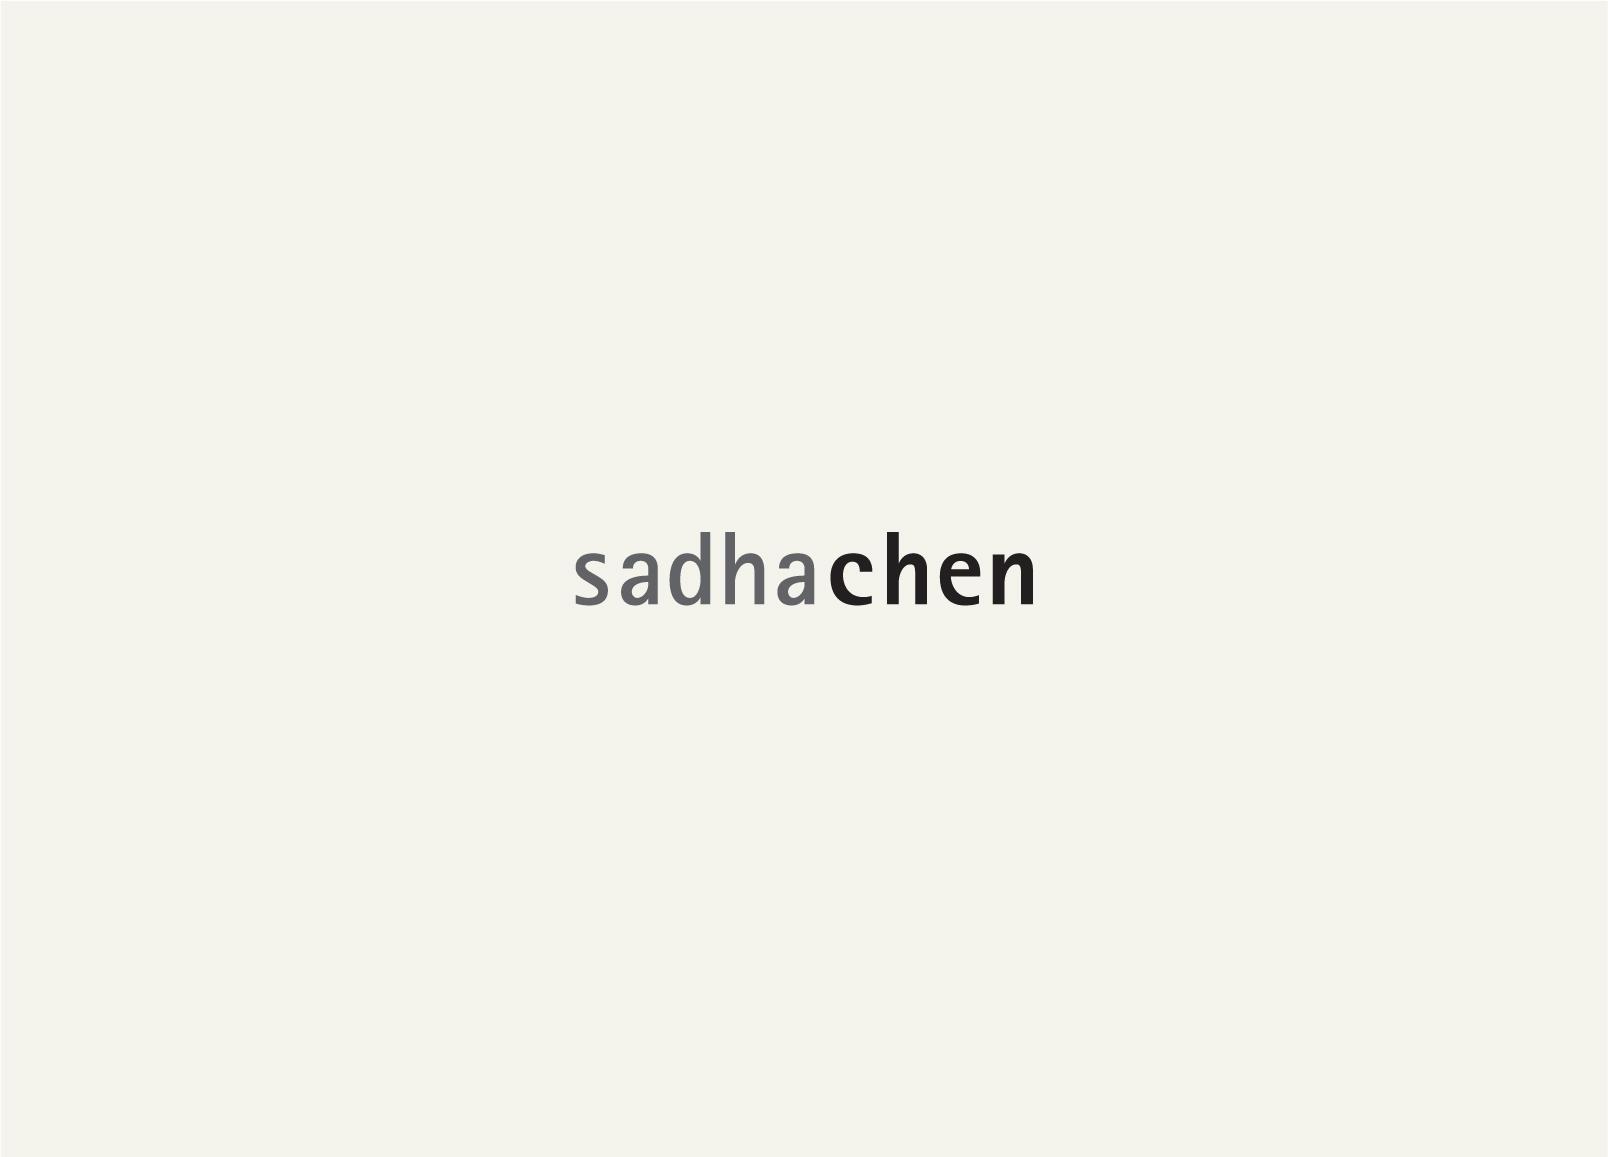 sadhachen_logo